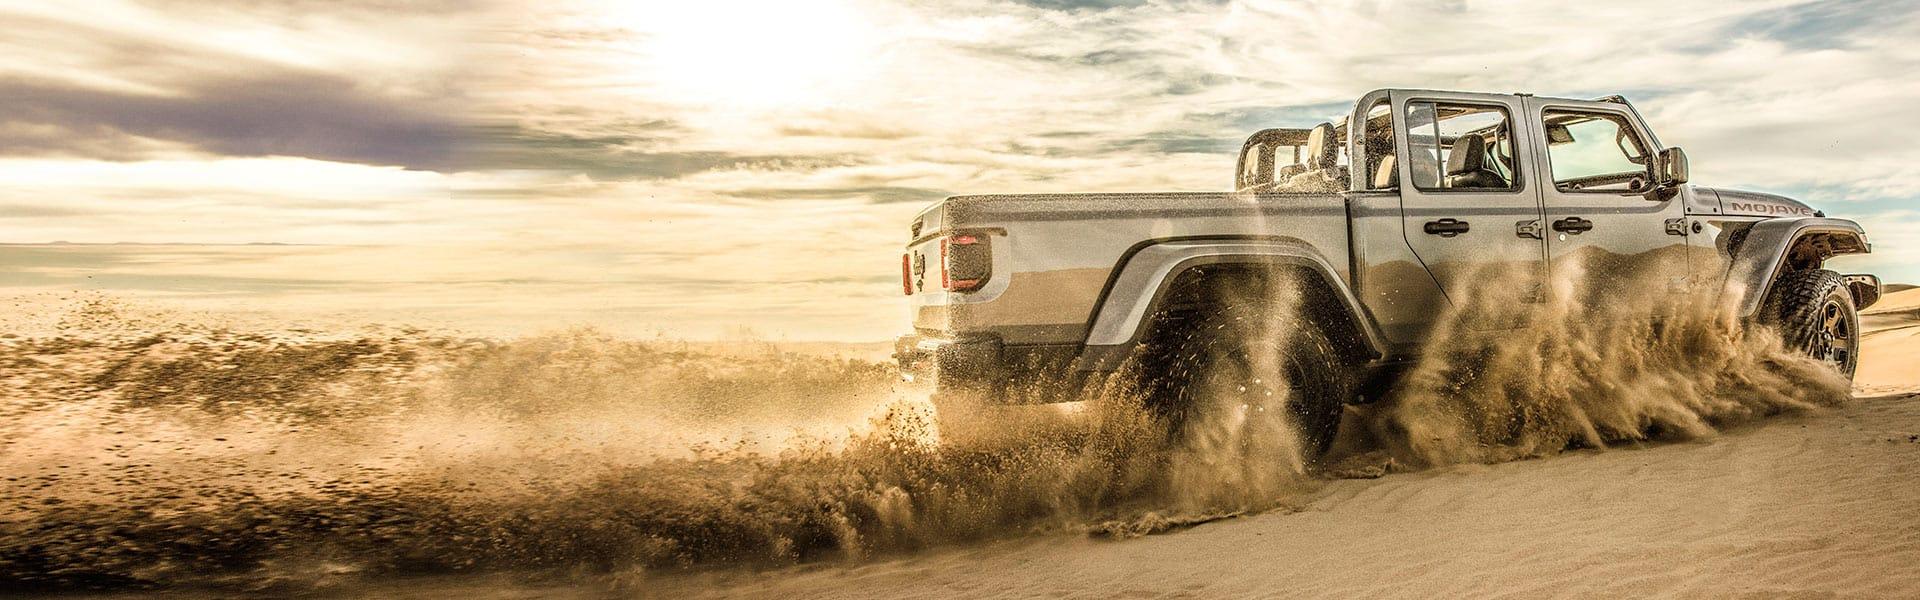 LaJeep Gladiator2021 levantando arena de sus ruedas mientras va por el desierto.